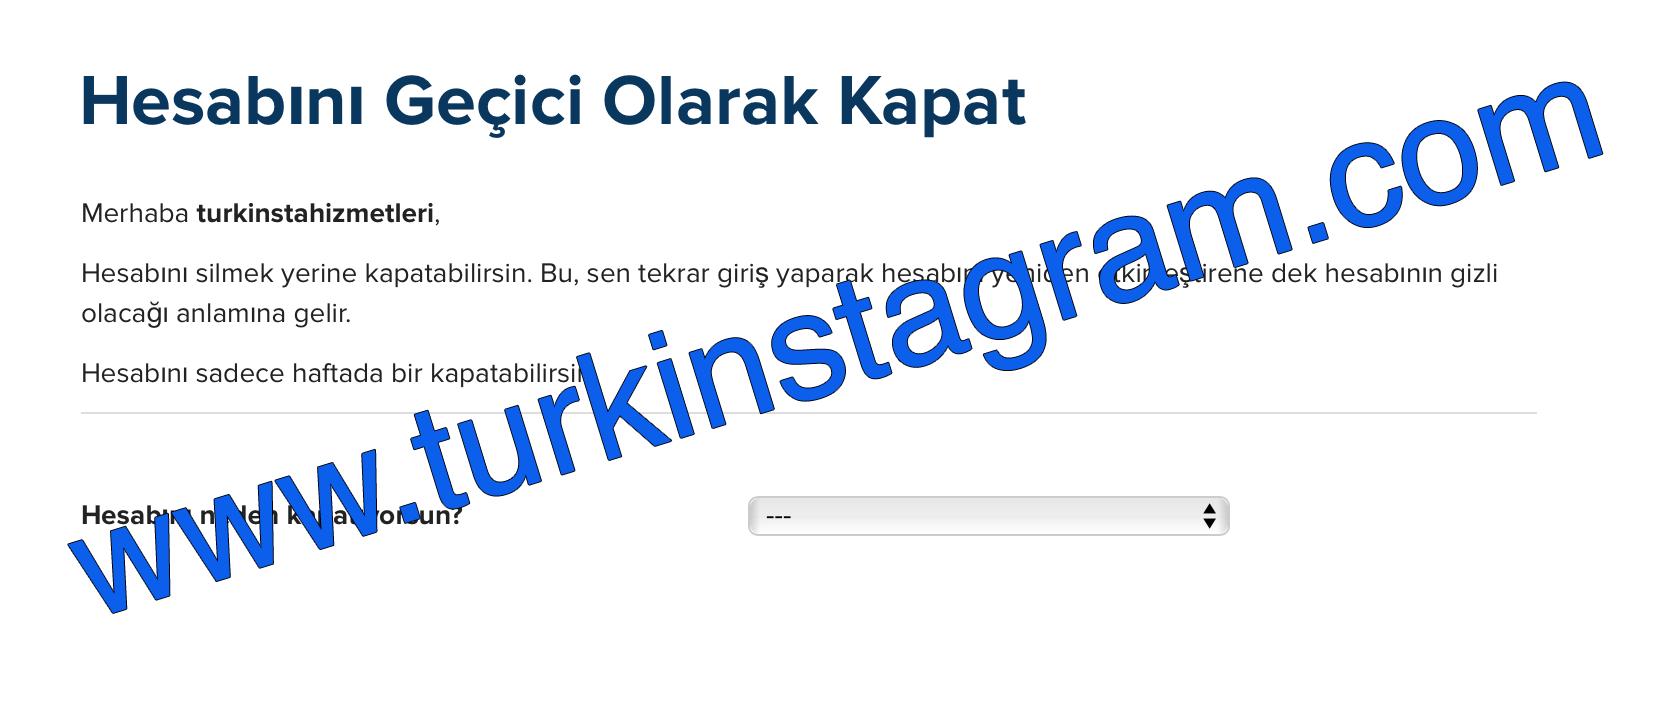 Instagram Hesabımı Yanlışlıkla Sildim 2016 - Çözümü Burda